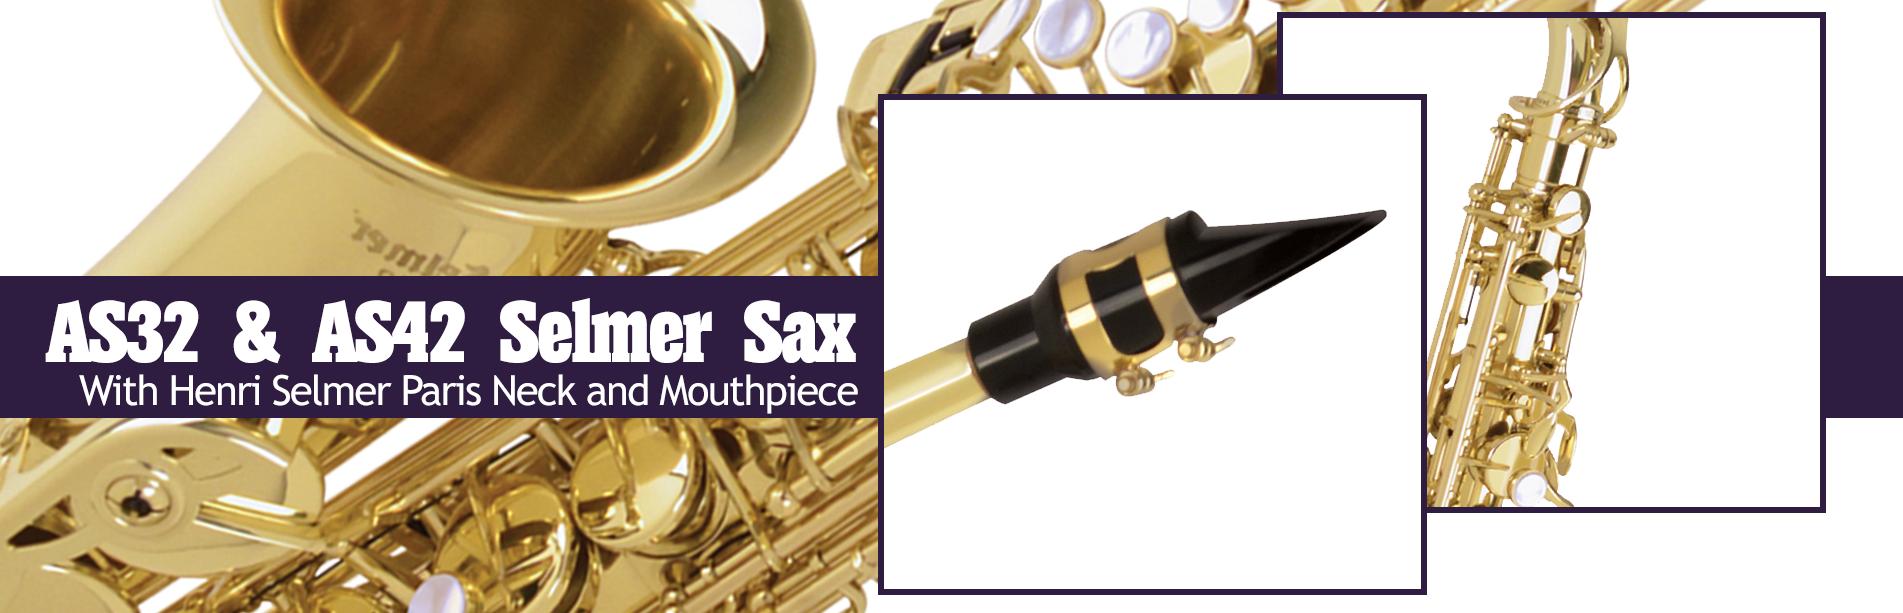 Selmer-Sax1